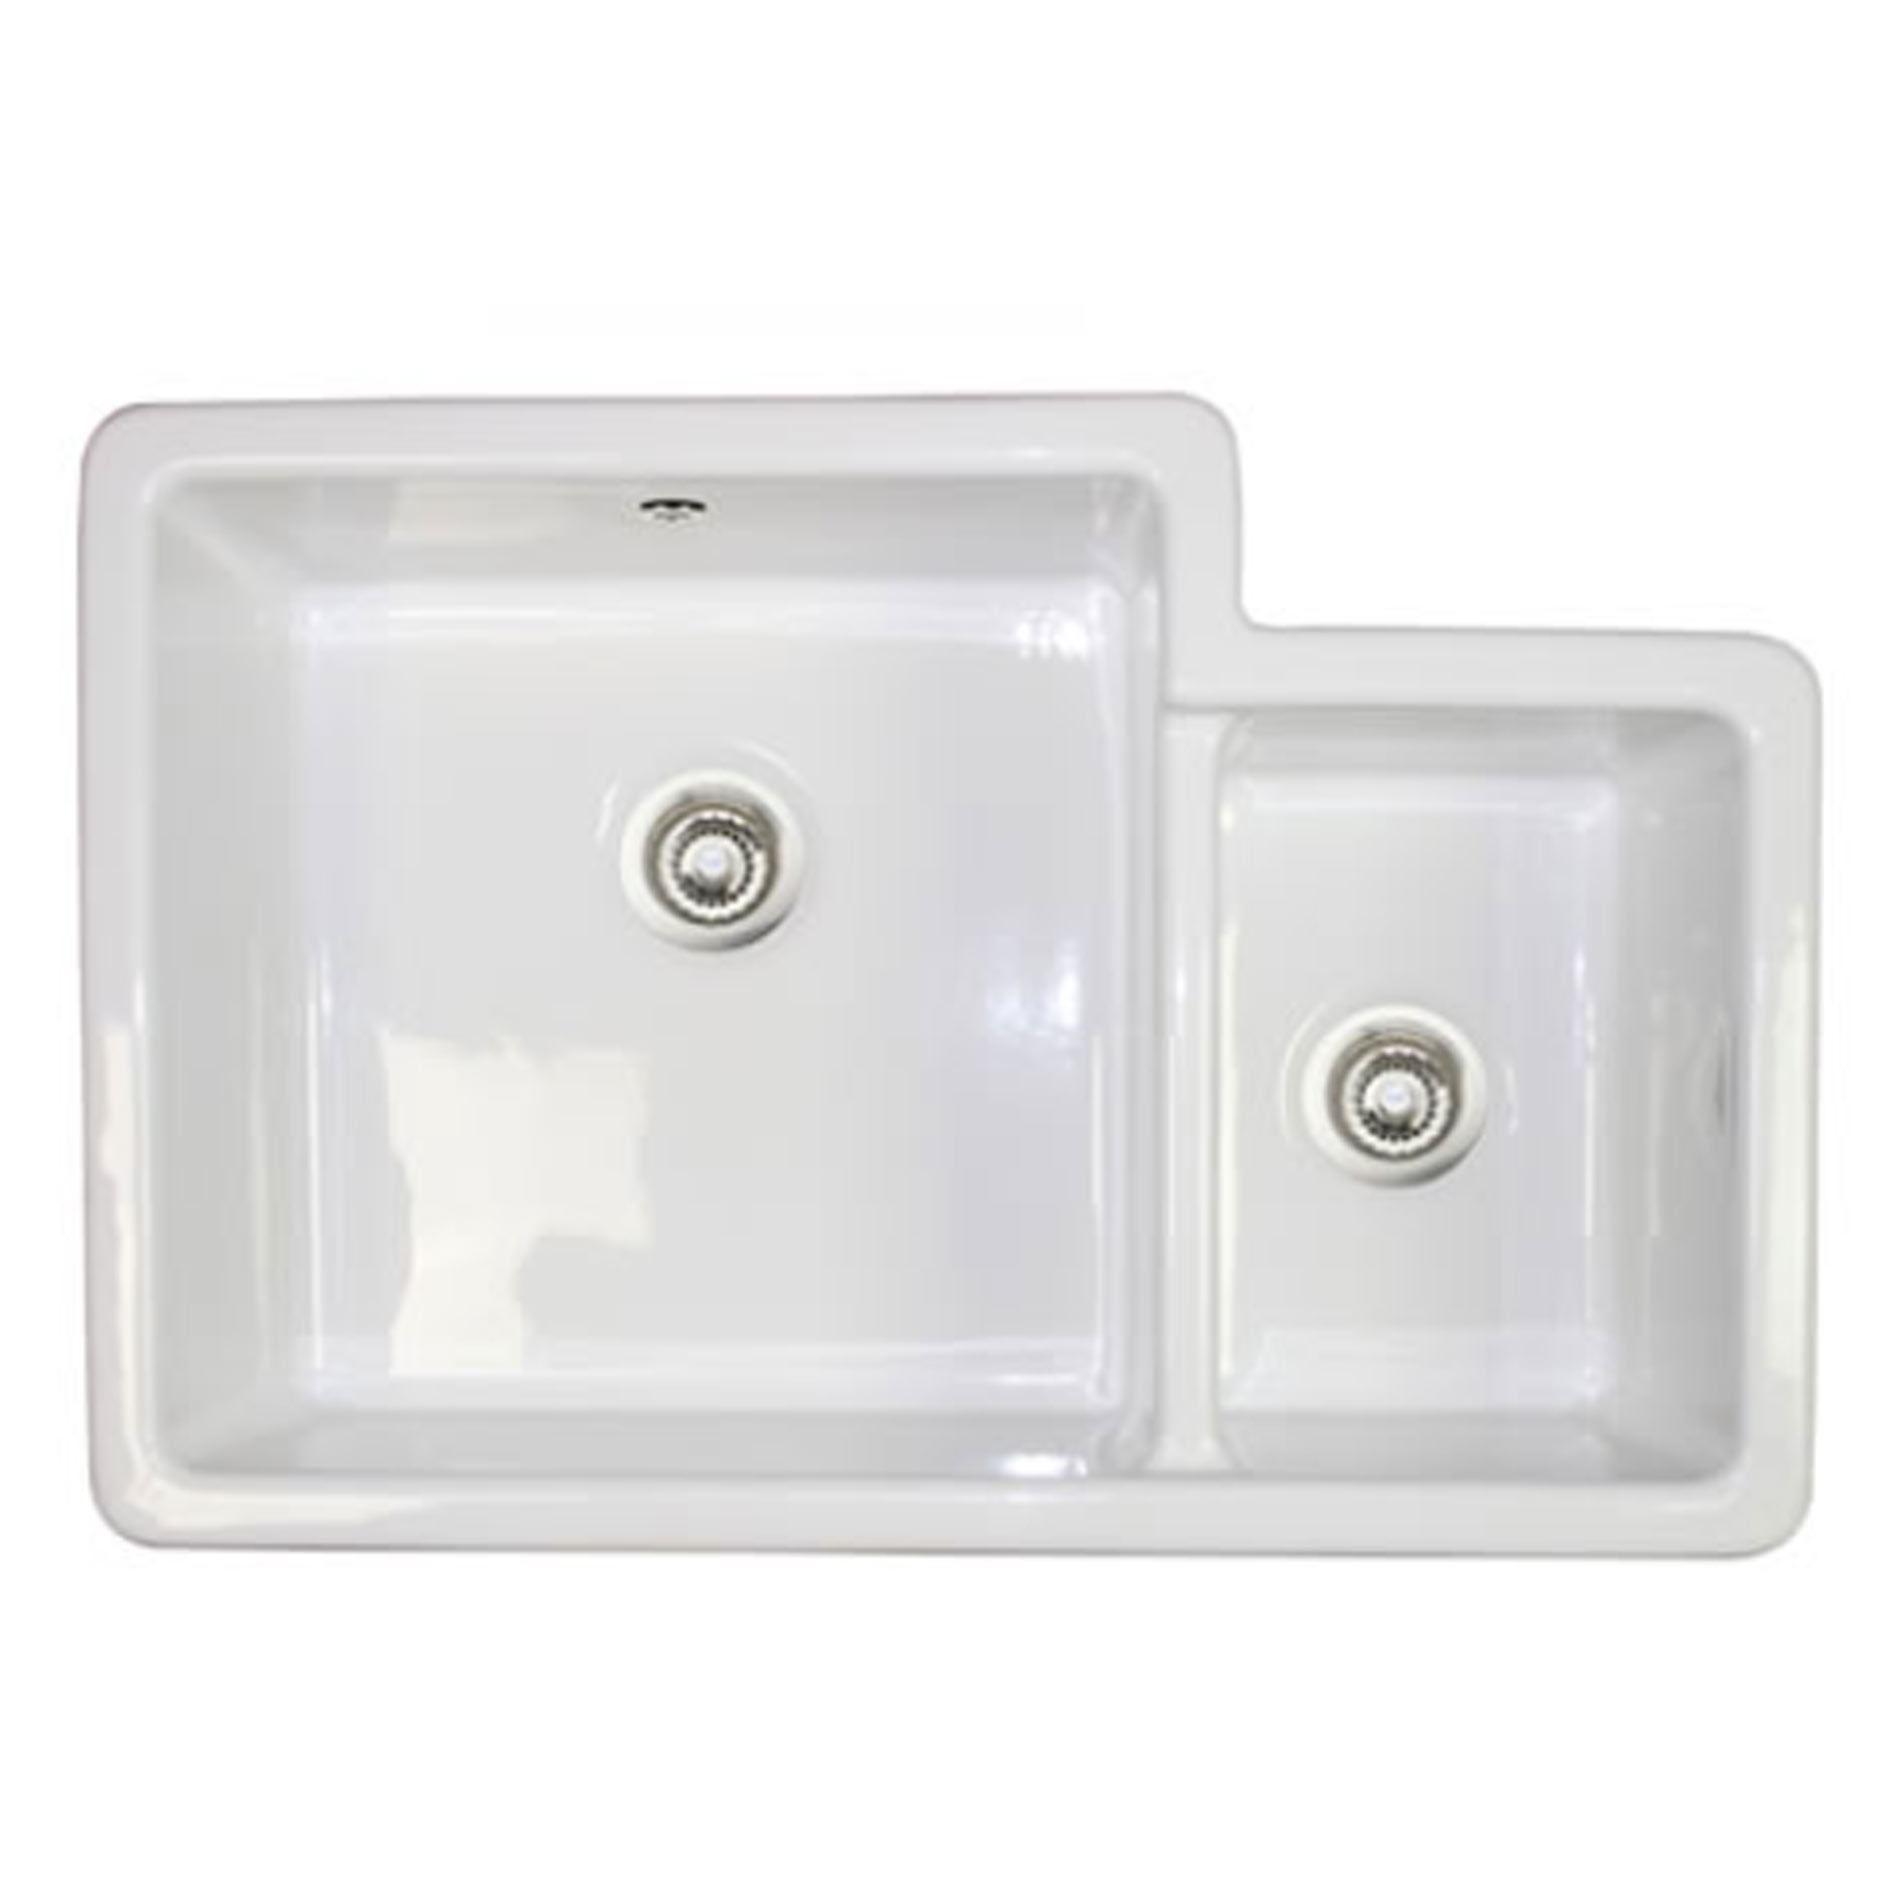 Shaws - Kitchen Sinks & Taps